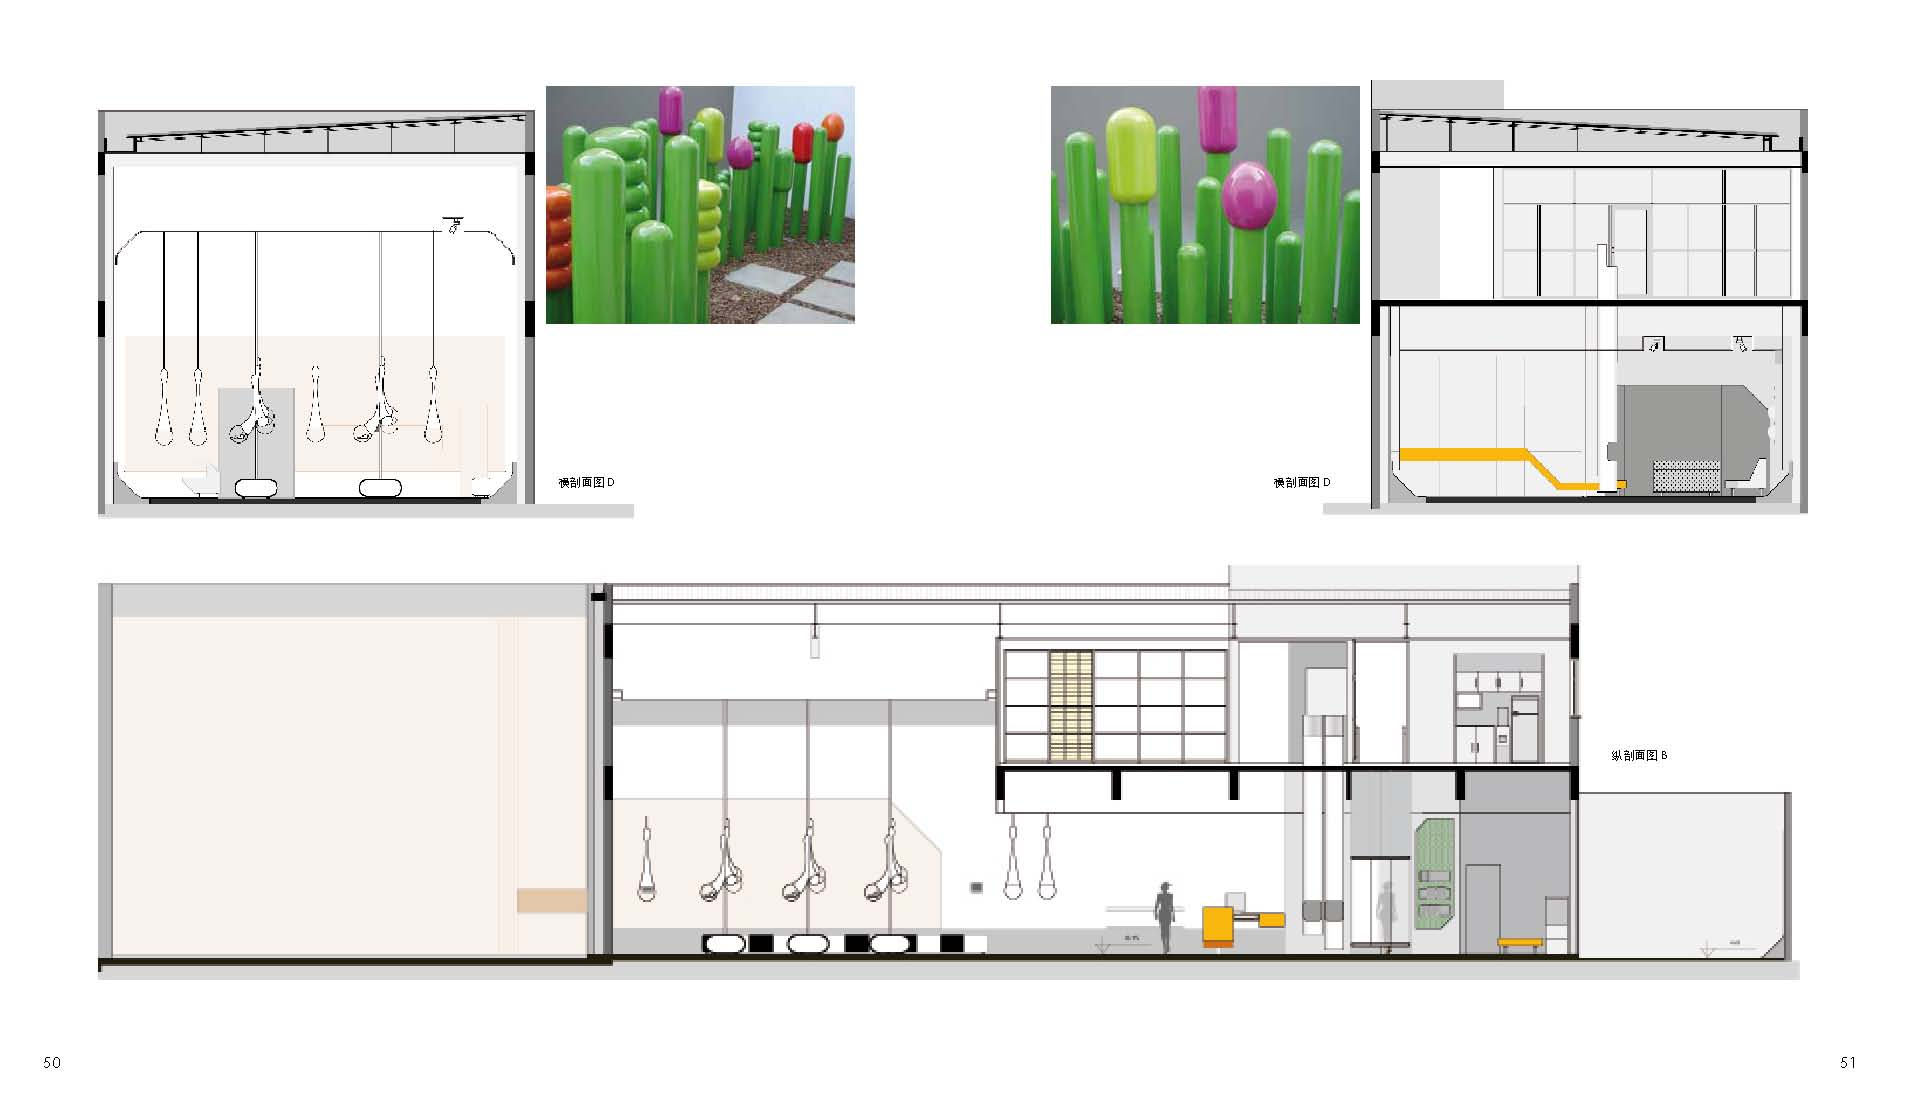 商店设计 new shop design